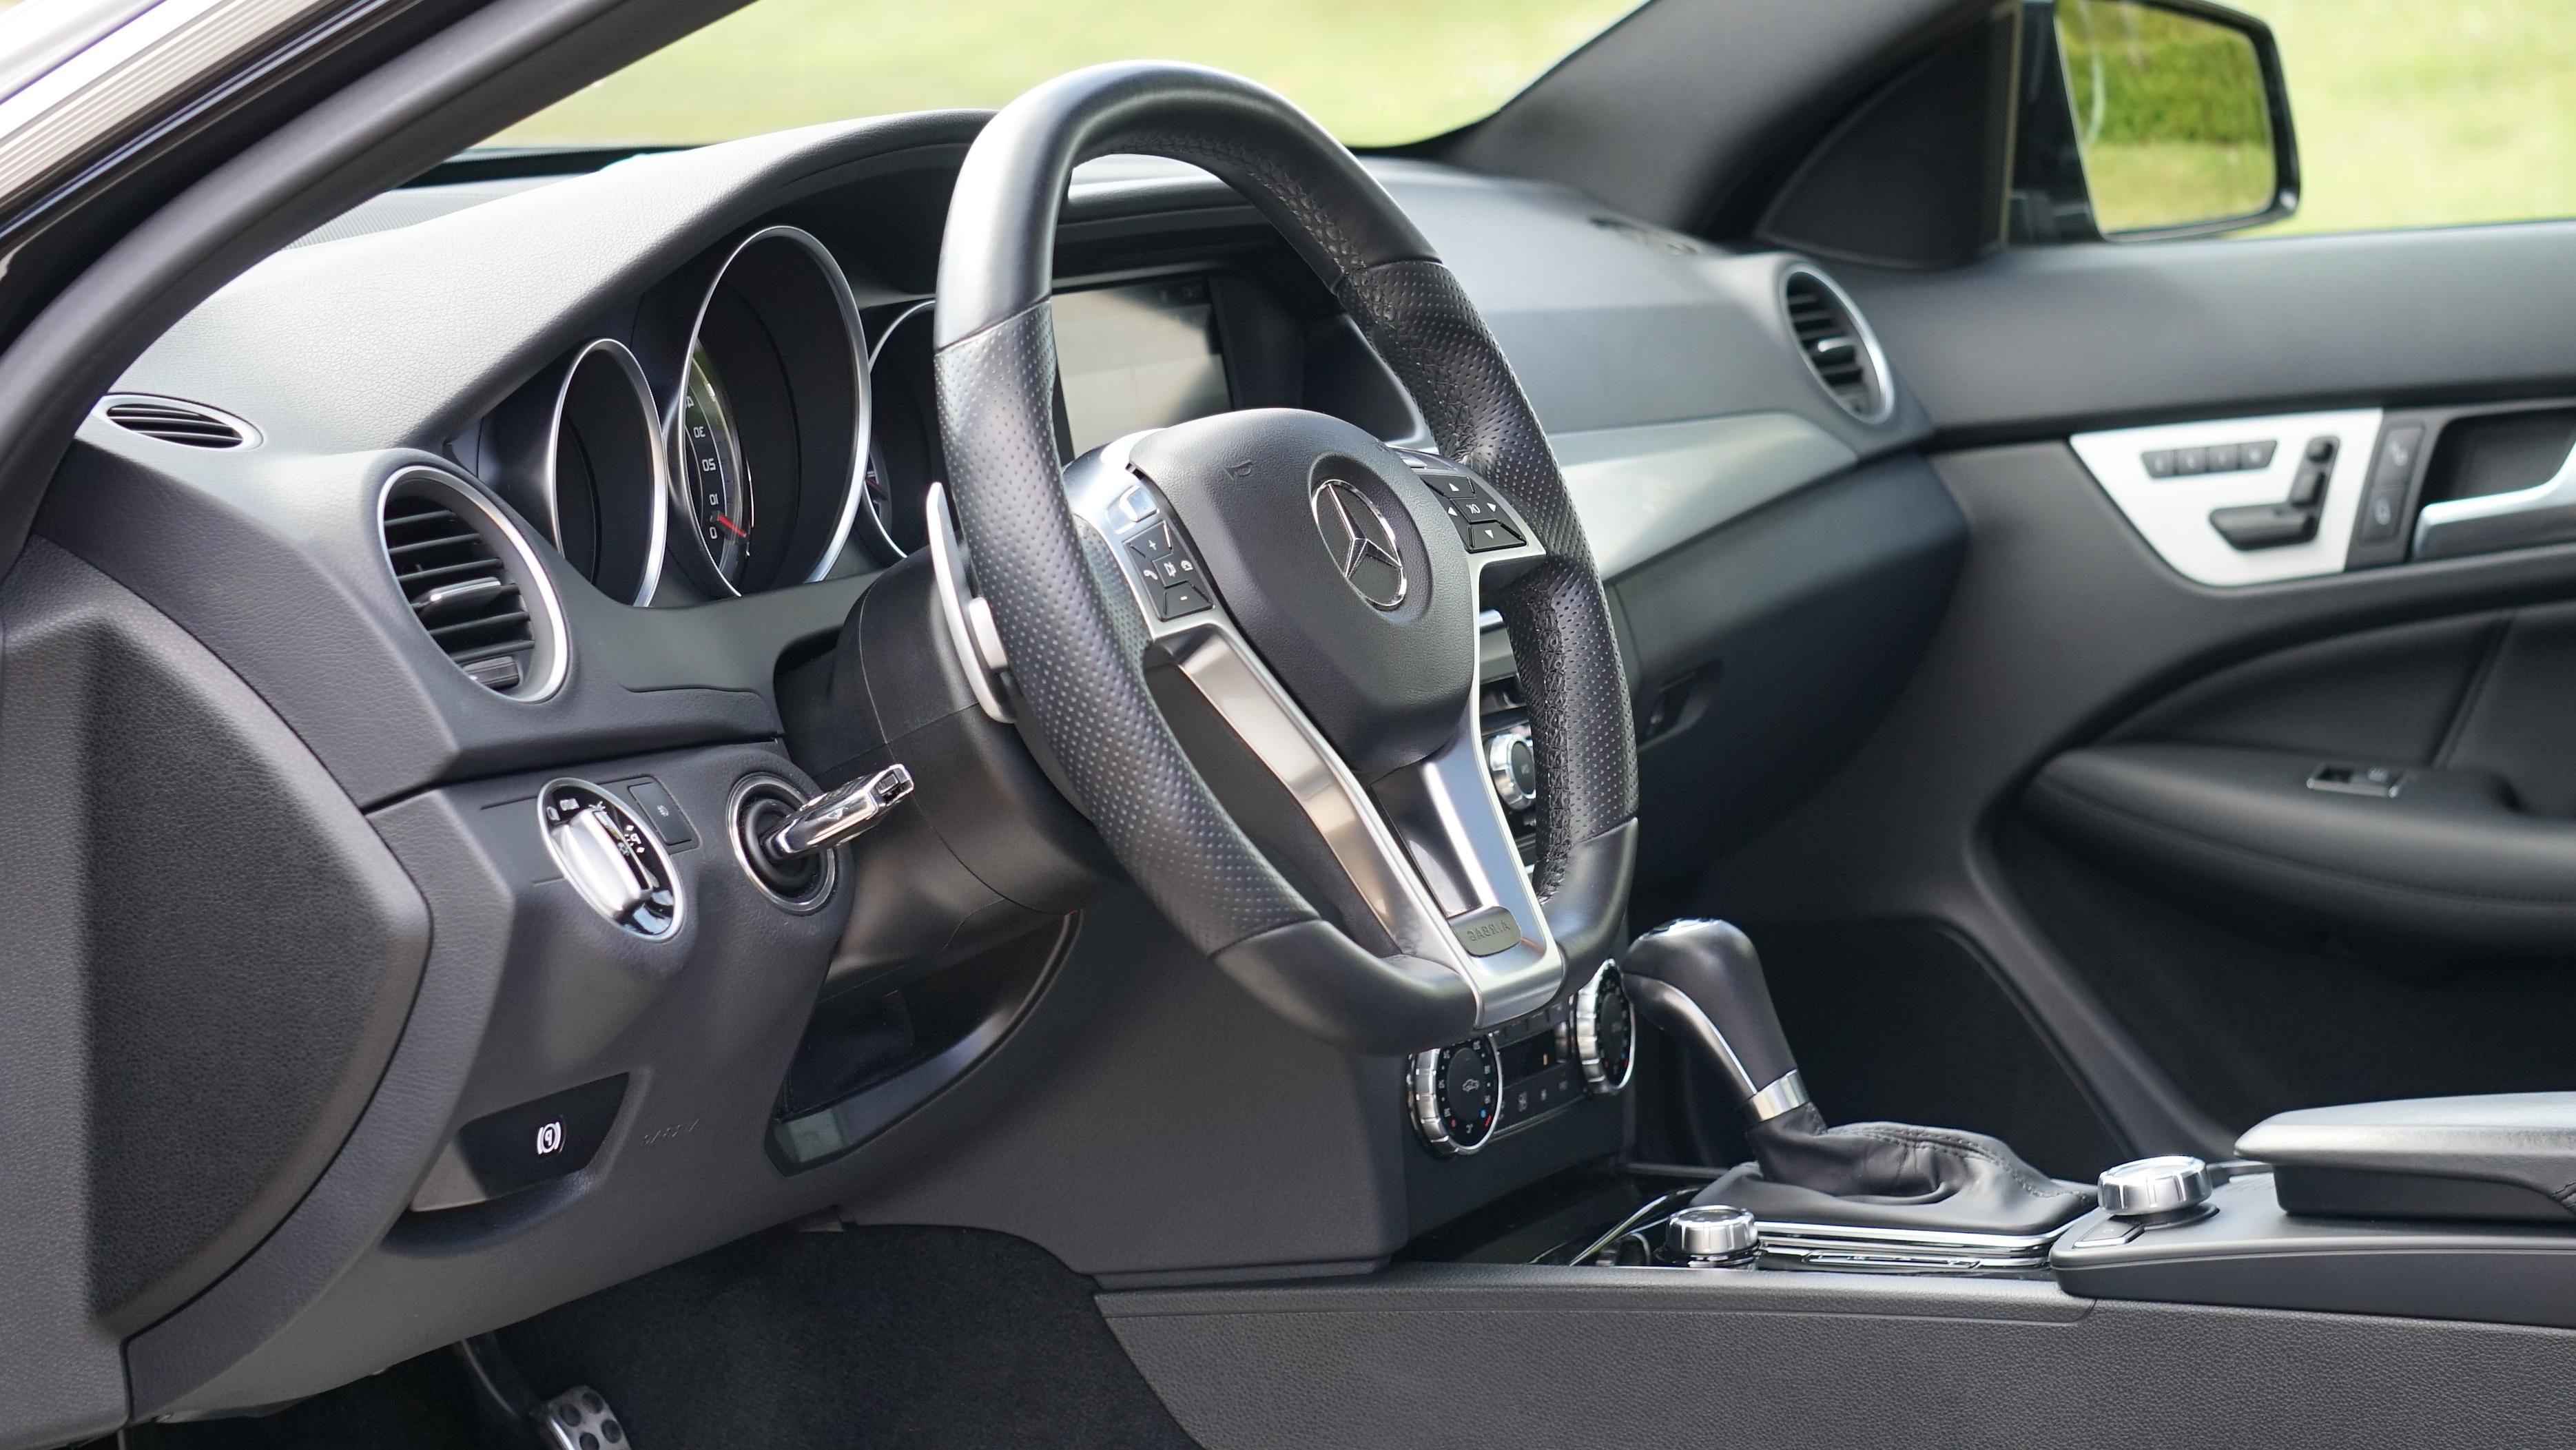 Interieur auto  Kostenlose Bild: Auto, Fahrzeug, fahren, Dashboard, schnell, Kfz ...